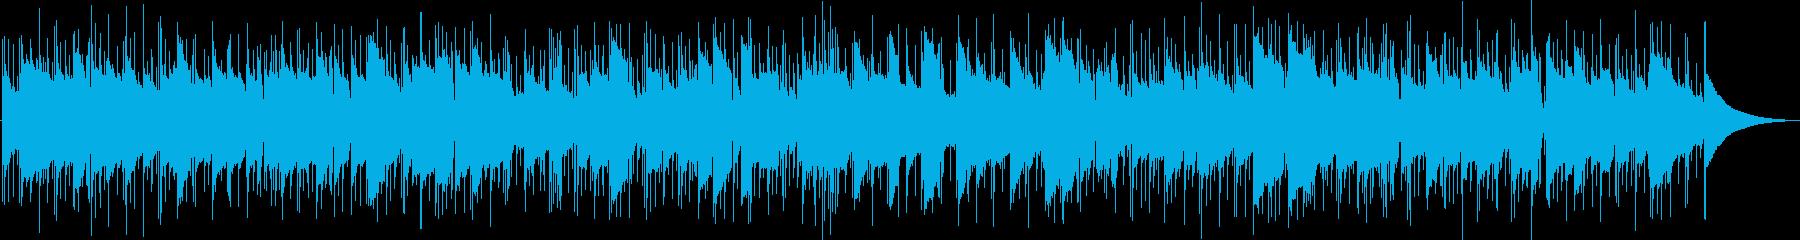 退屈な休日をイメージしたBGMの再生済みの波形